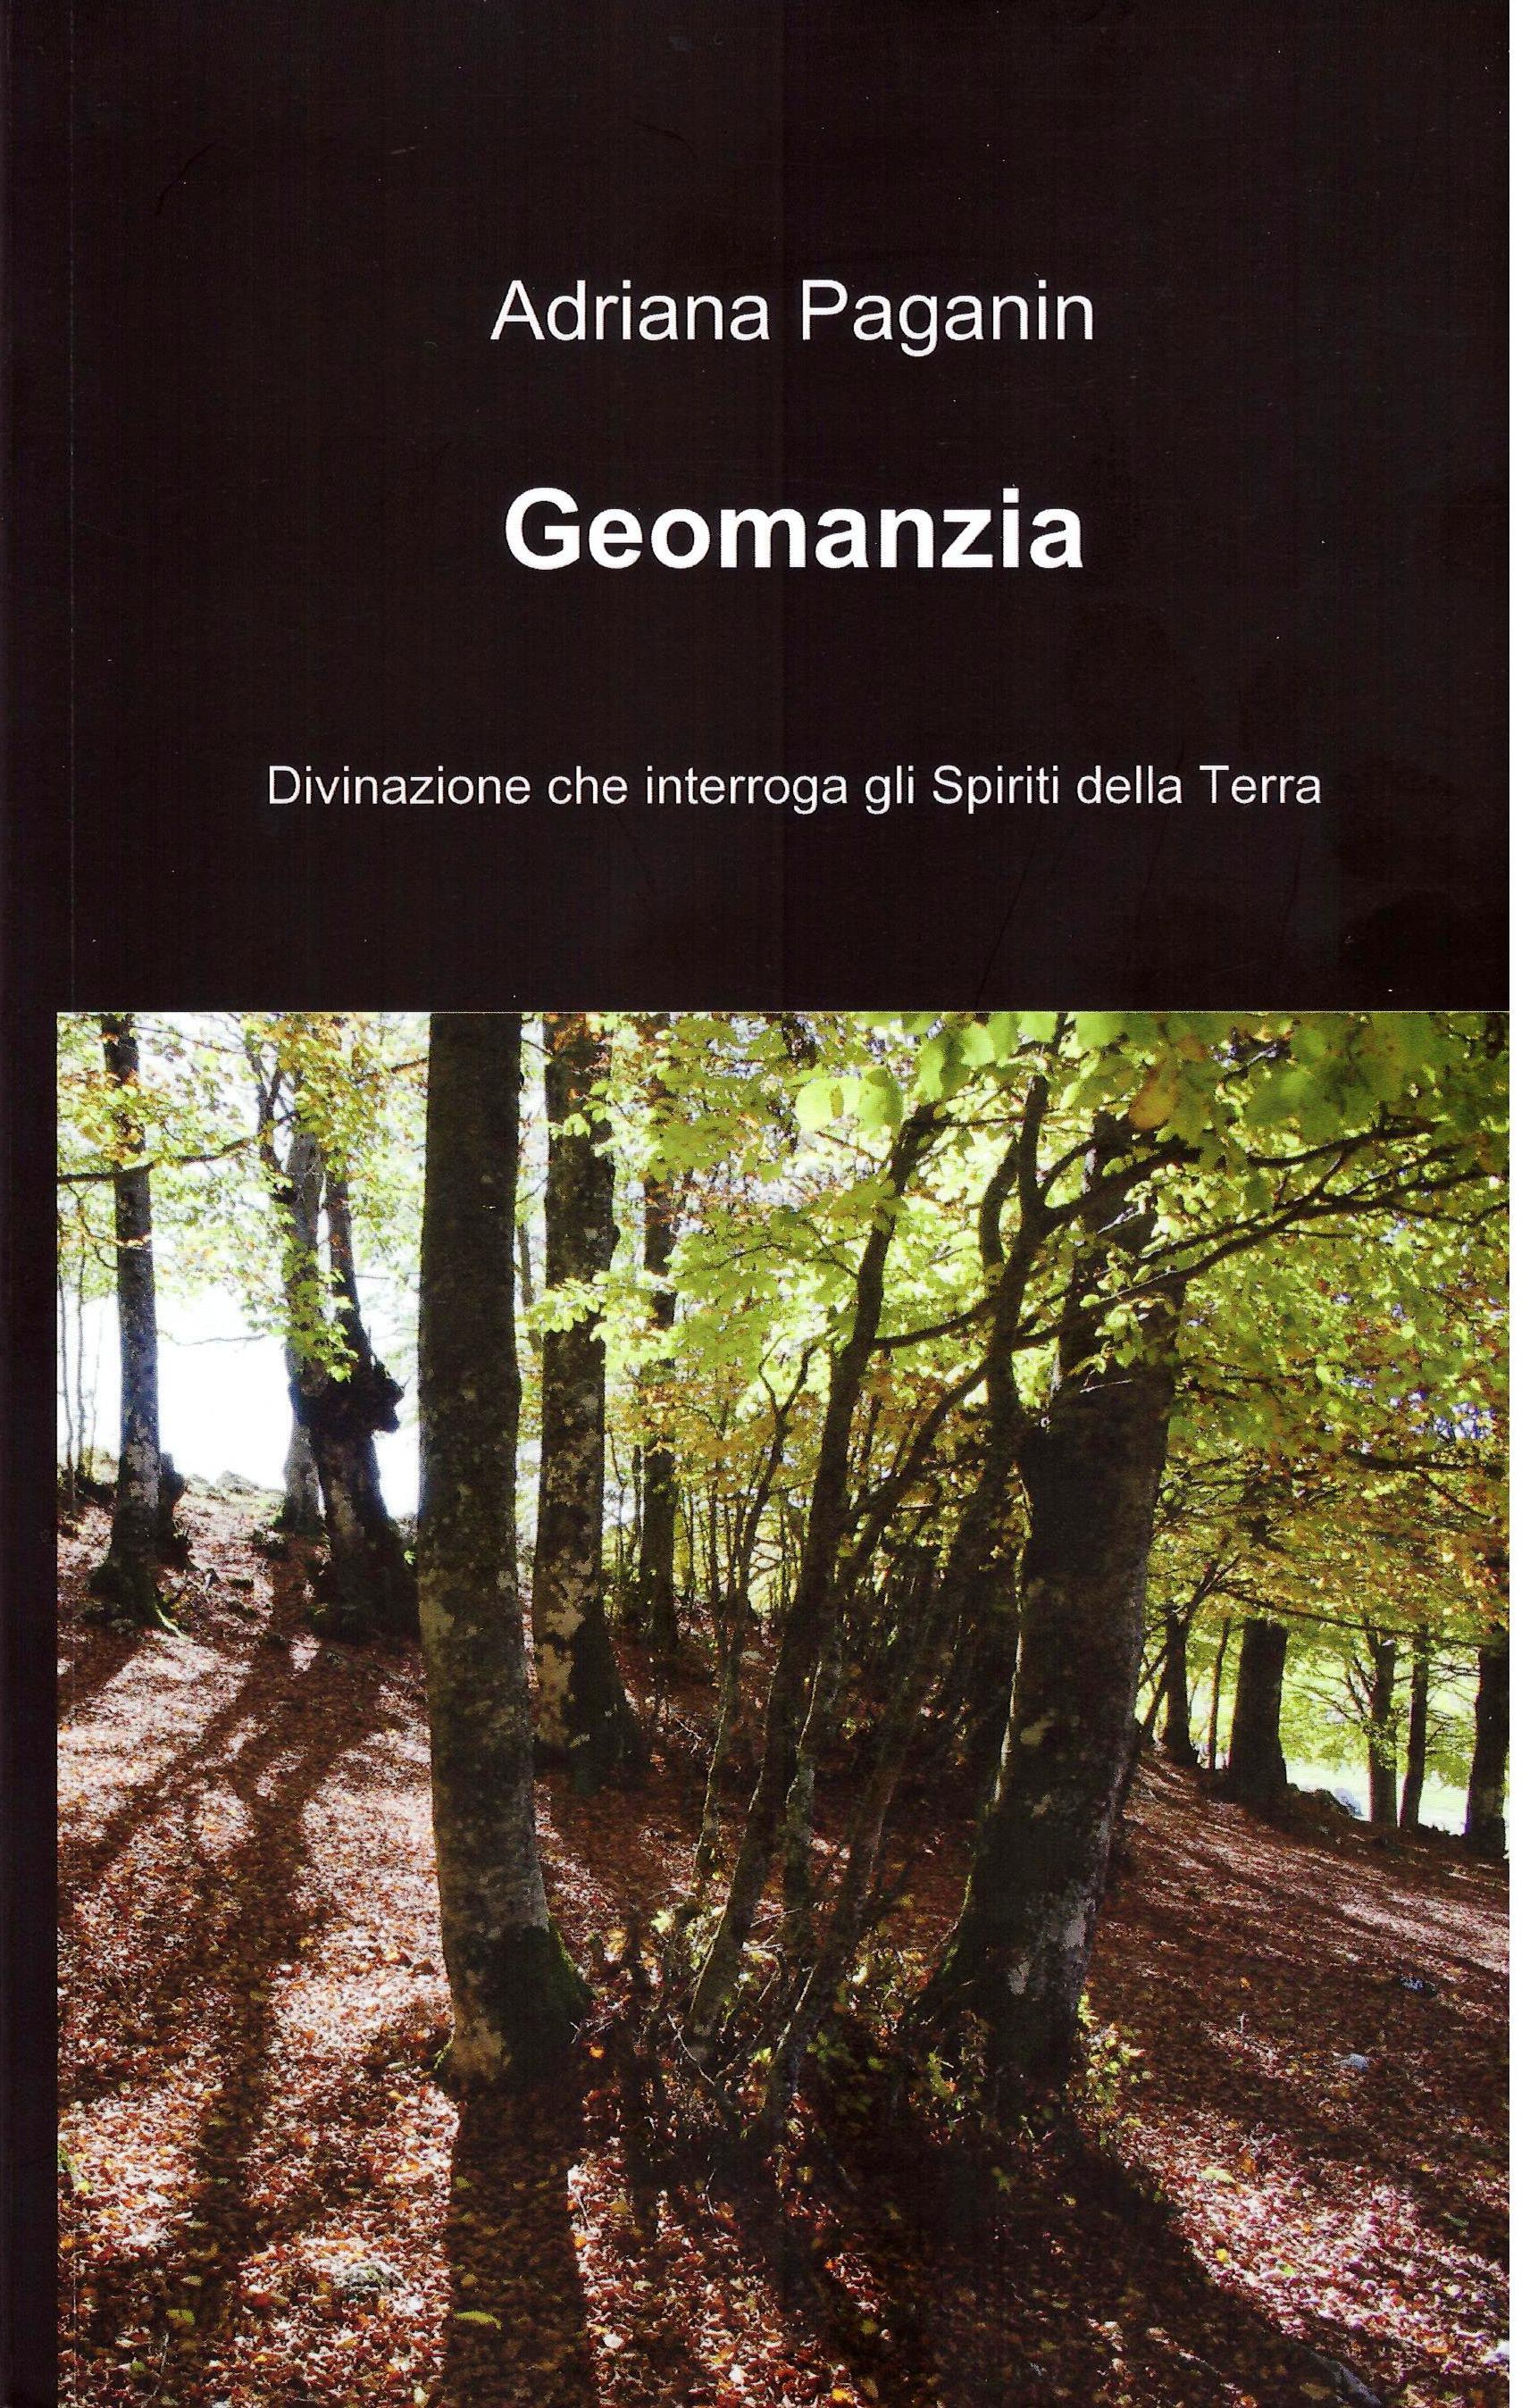 Geomanzia le 16 figure geomantiche for Puoi ipotecare la terra